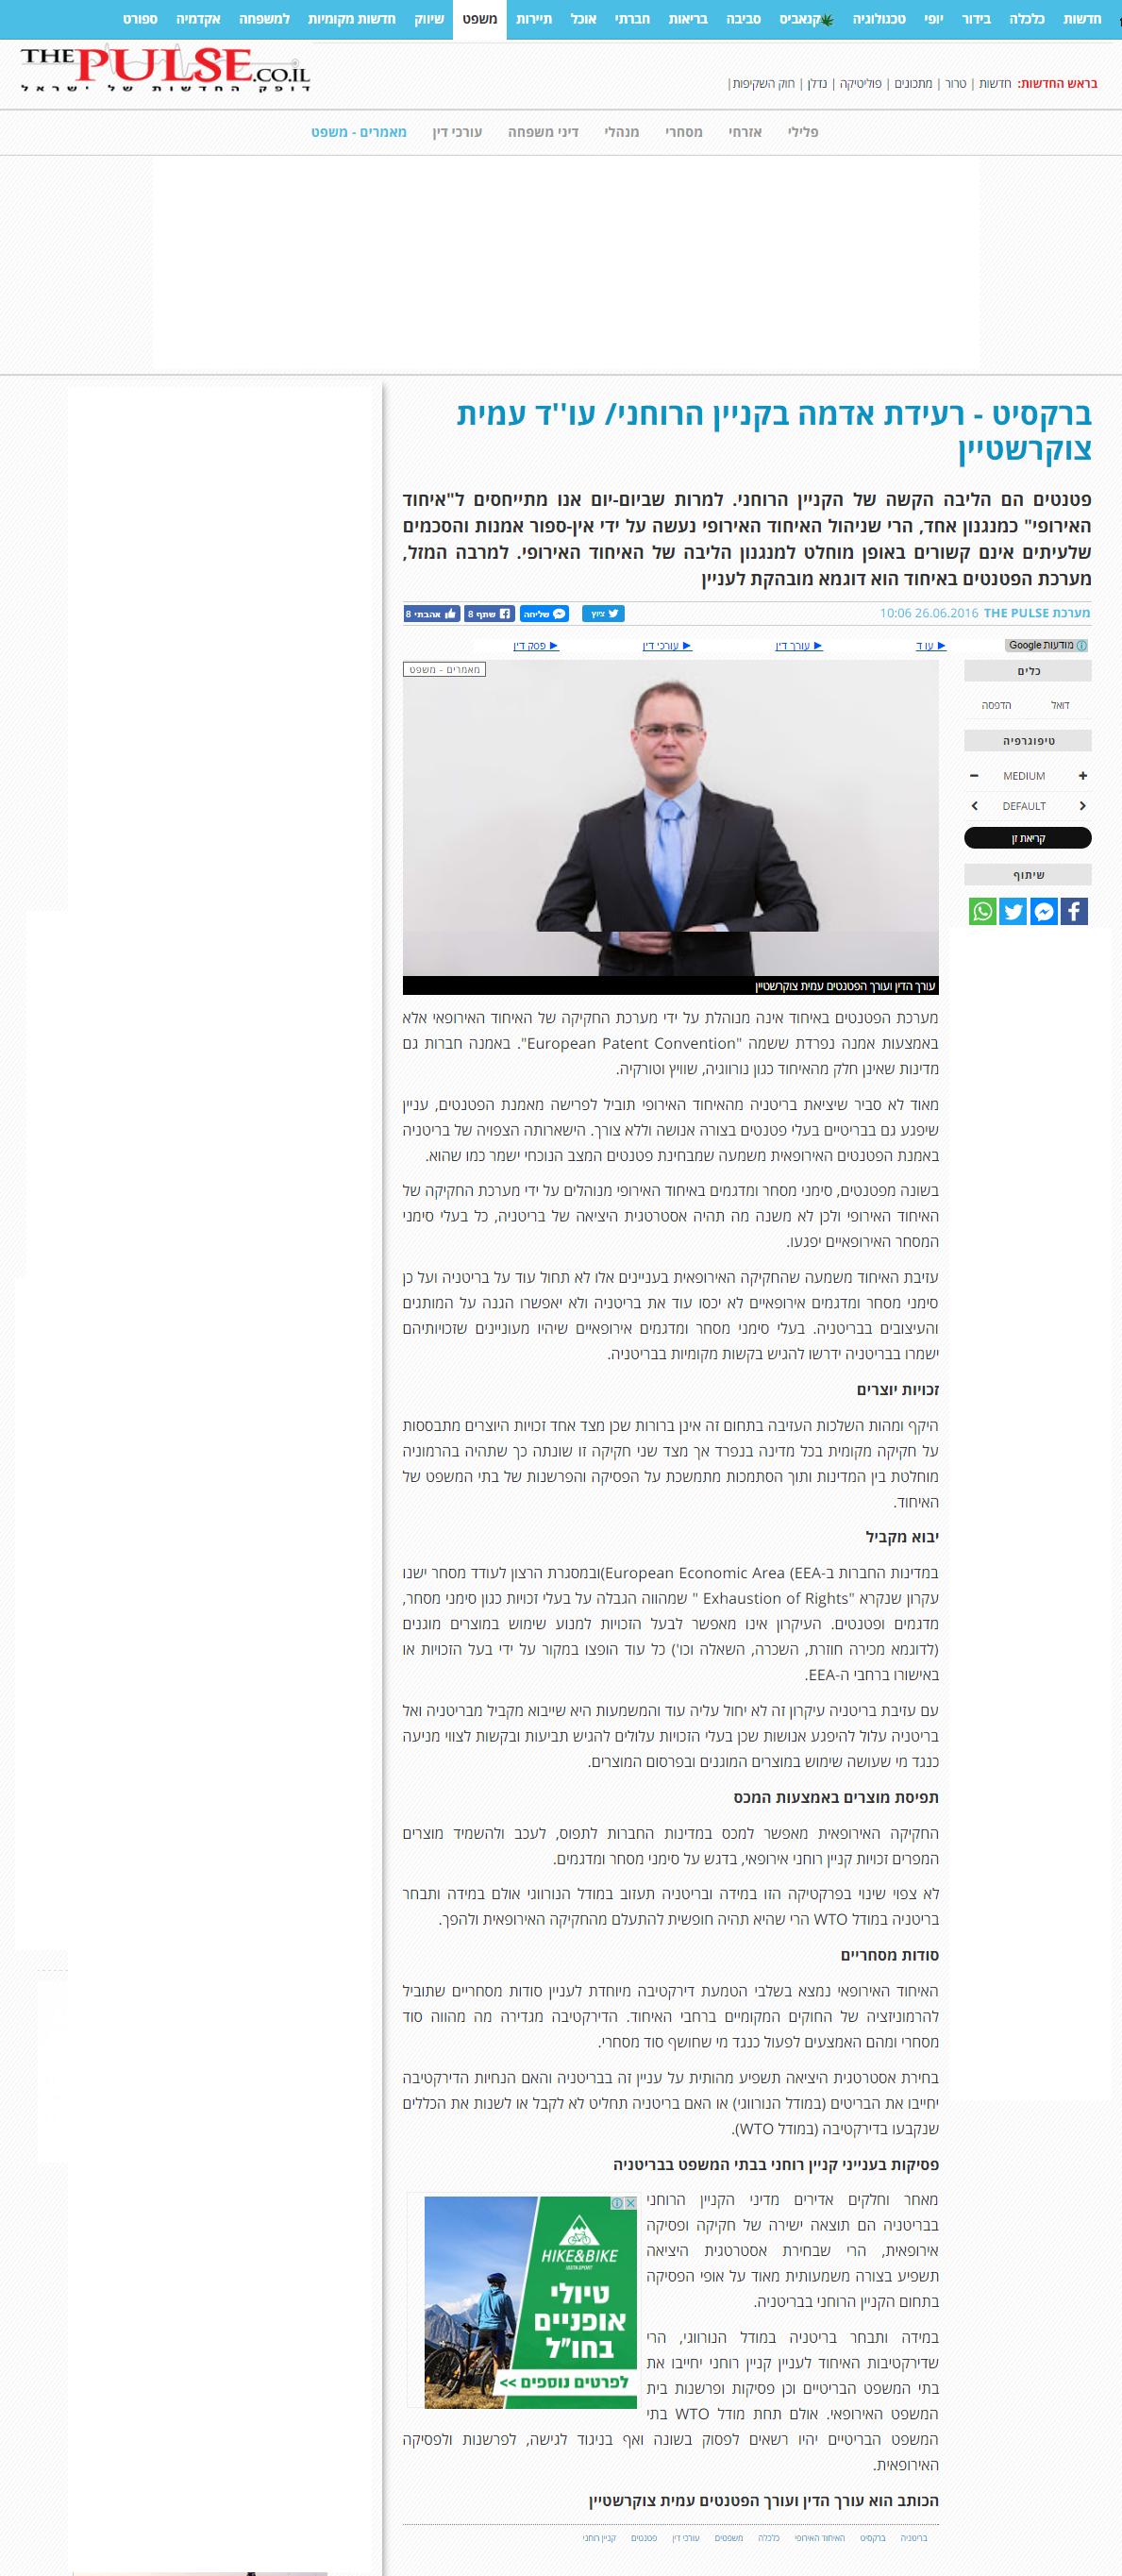 דה פולס (אתר), 26/06/2016, ברקסיט רעידת אדמה בעולם הקניין הרוחני